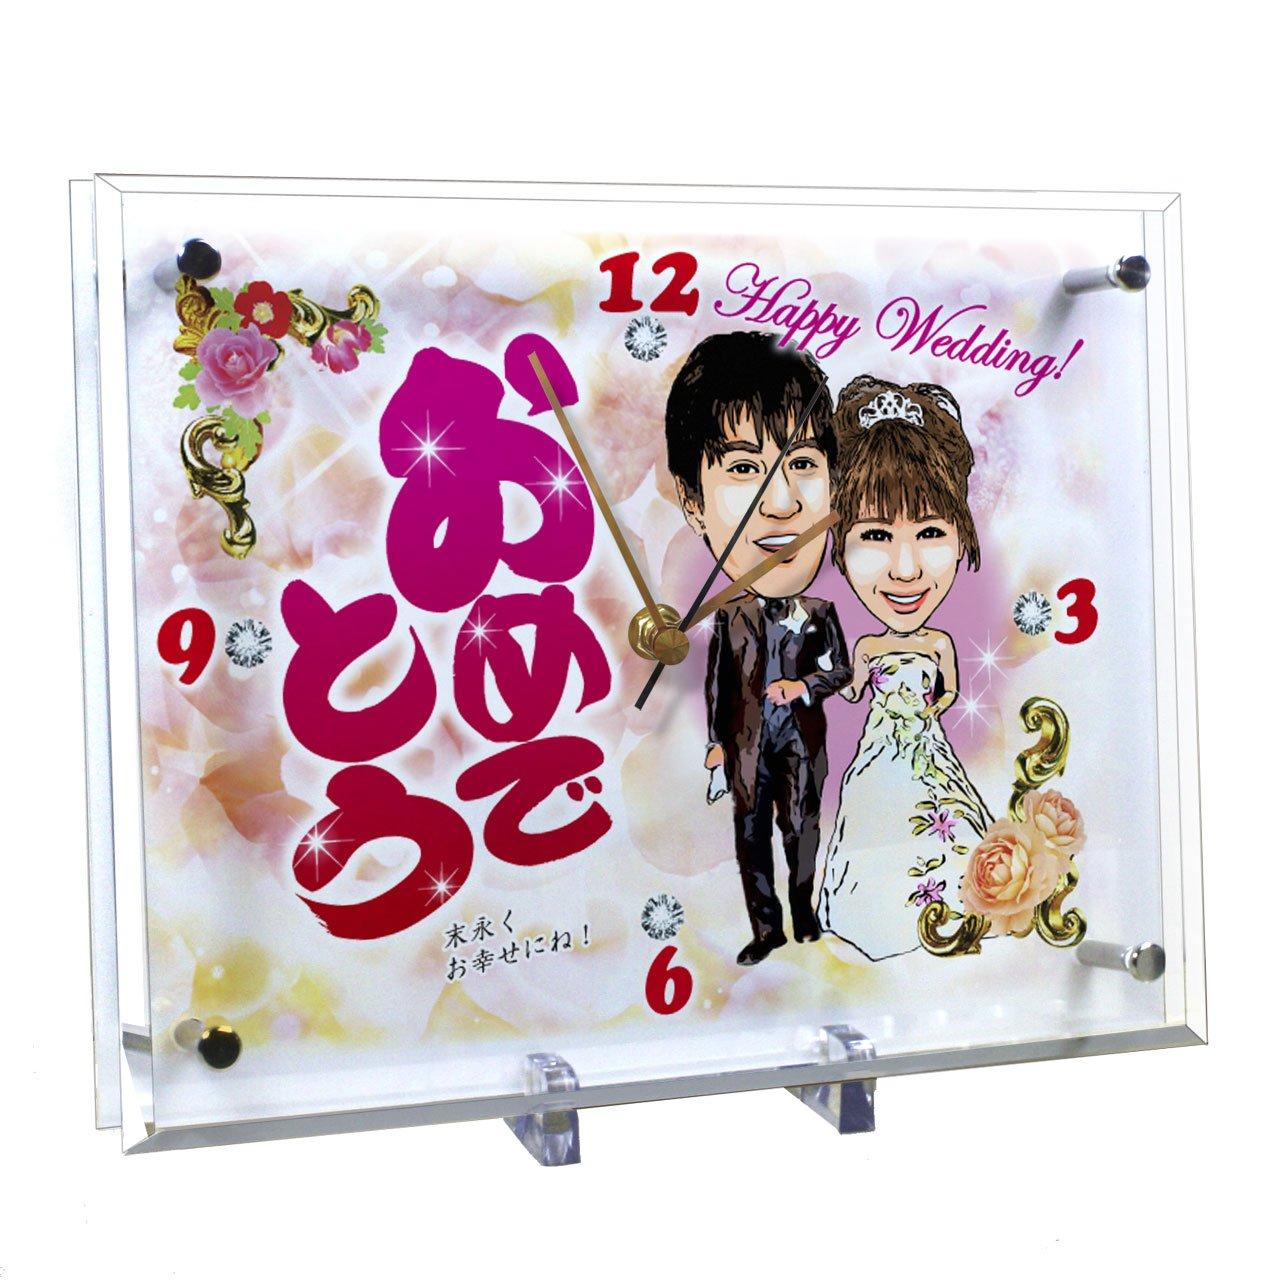 結婚祝いのプレゼントに 似顔絵時計 大サイズ N-25 B00LBY1NXW